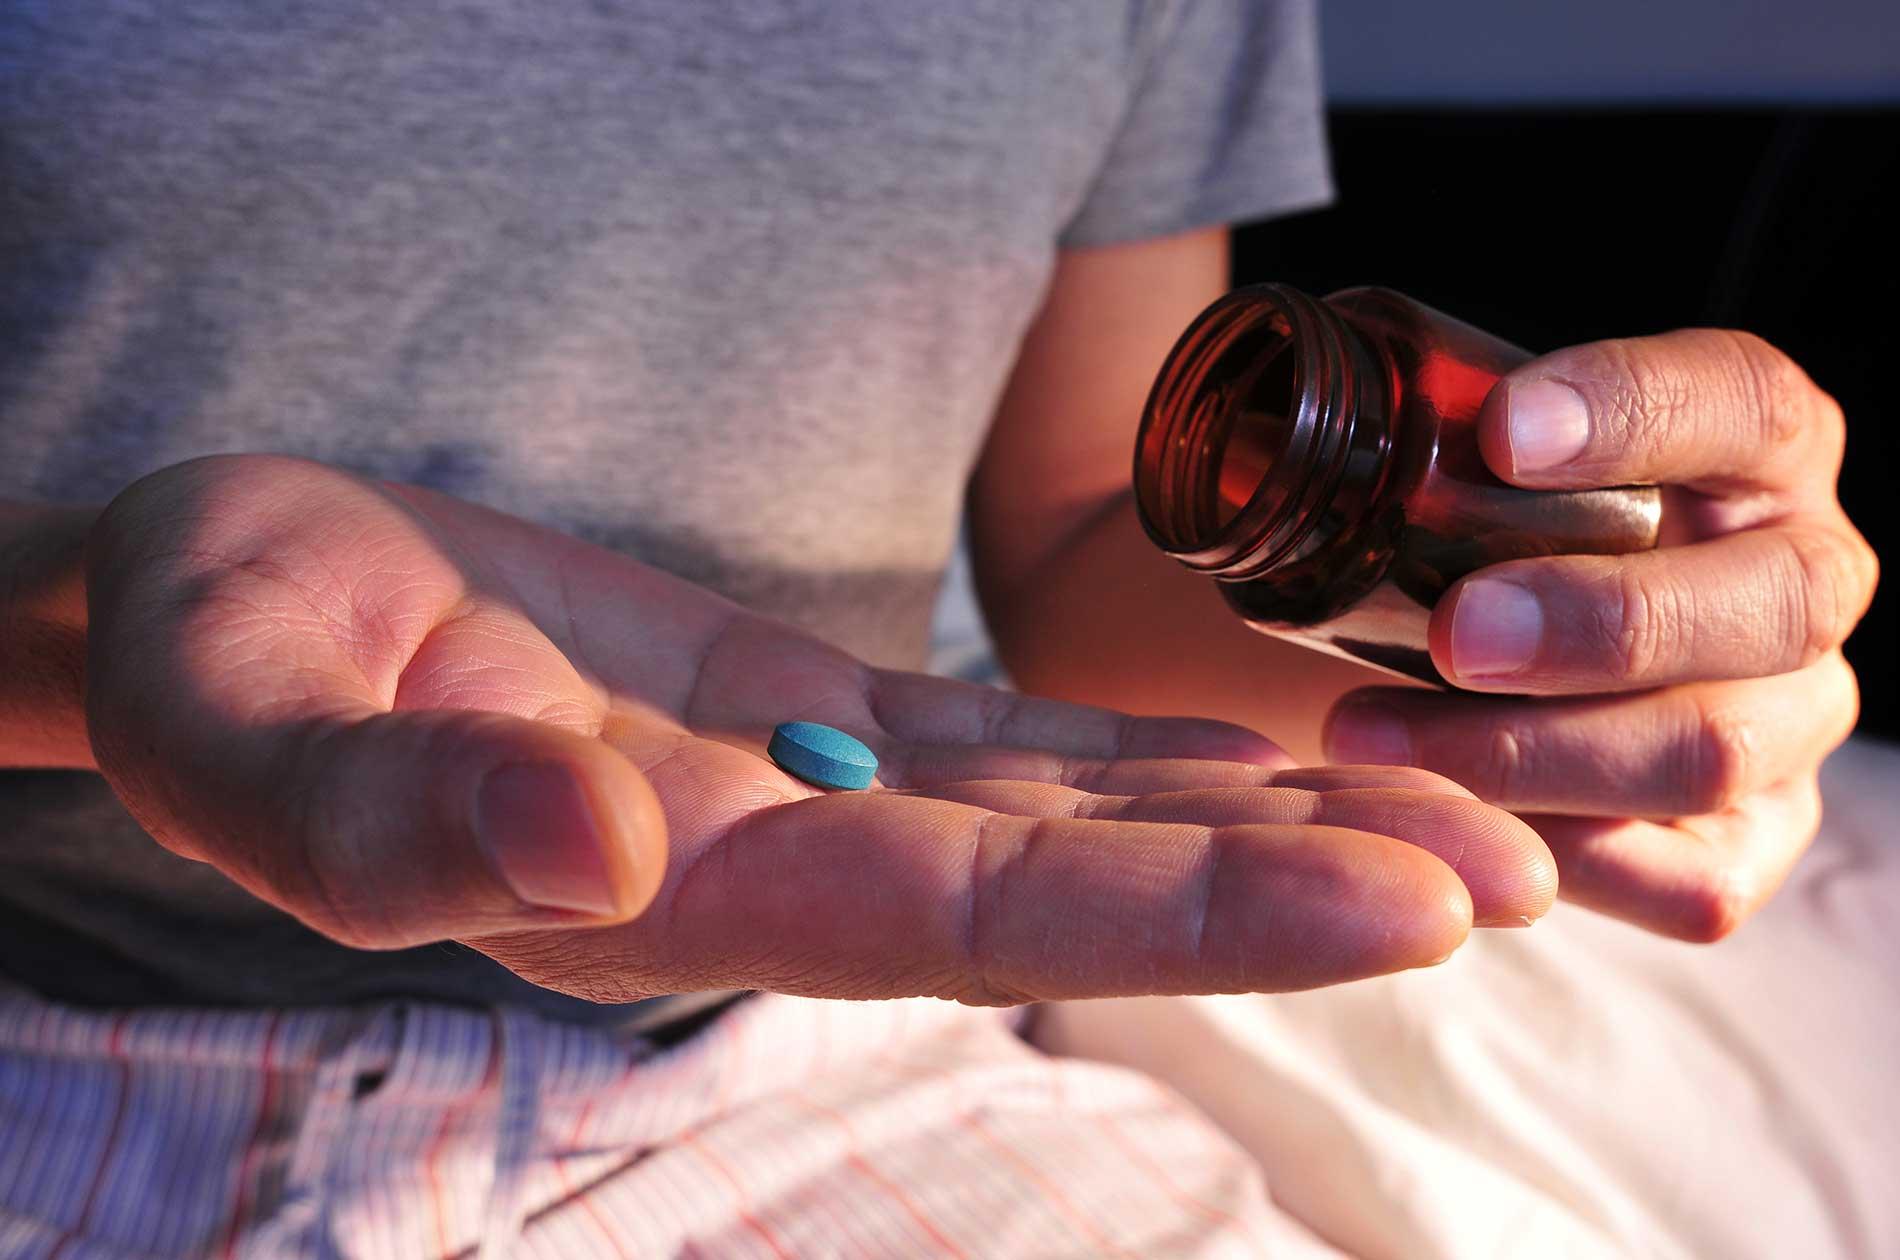 A man holding a viagra pill